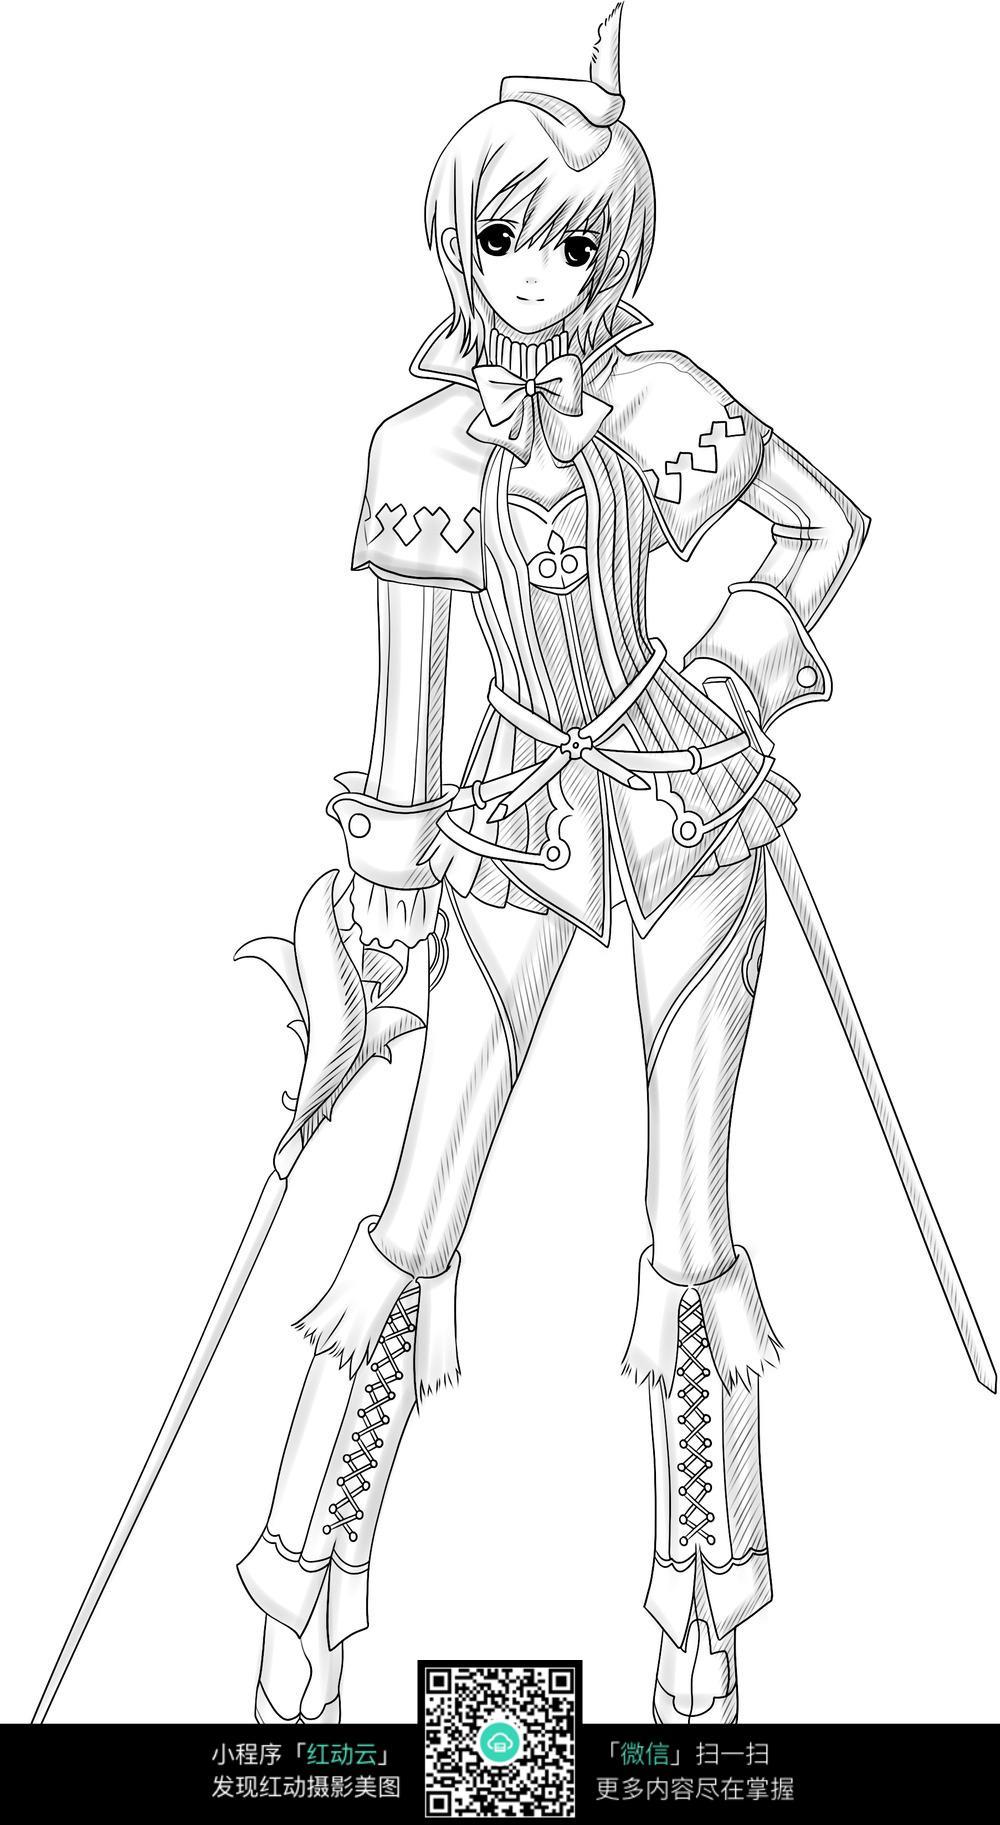 卡通女战士人物造型